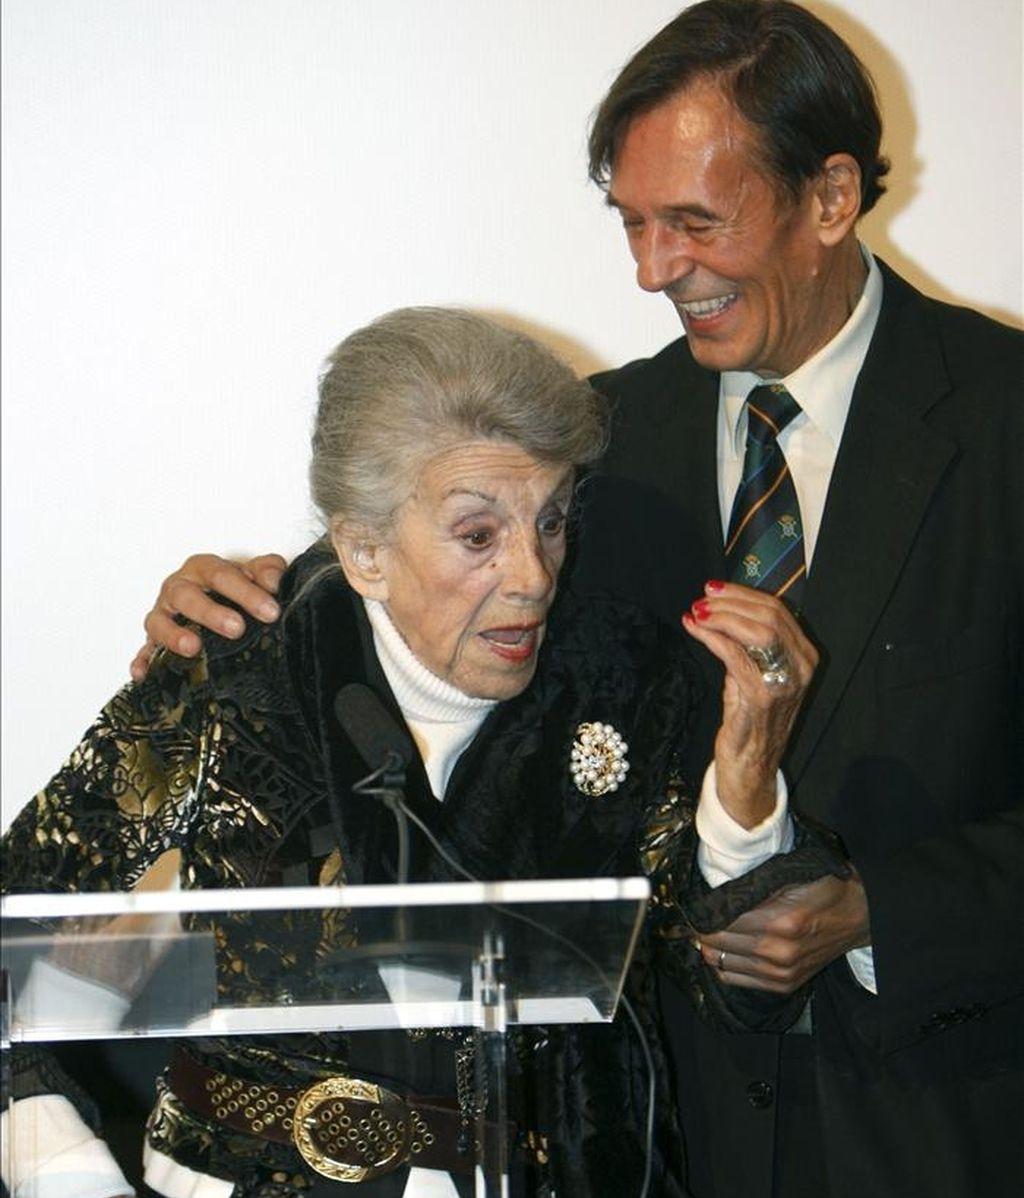 La actriz María Isbert, hija del actor Pepe Isbert, uno de los clásicos del cine y la escena españoles, acompañada de su hijo Tony, durante el homenaje que le rindió la Academia de Cine, de la que ha sido nombrada miembro de honor a sus 91 años. EFE/Archivo